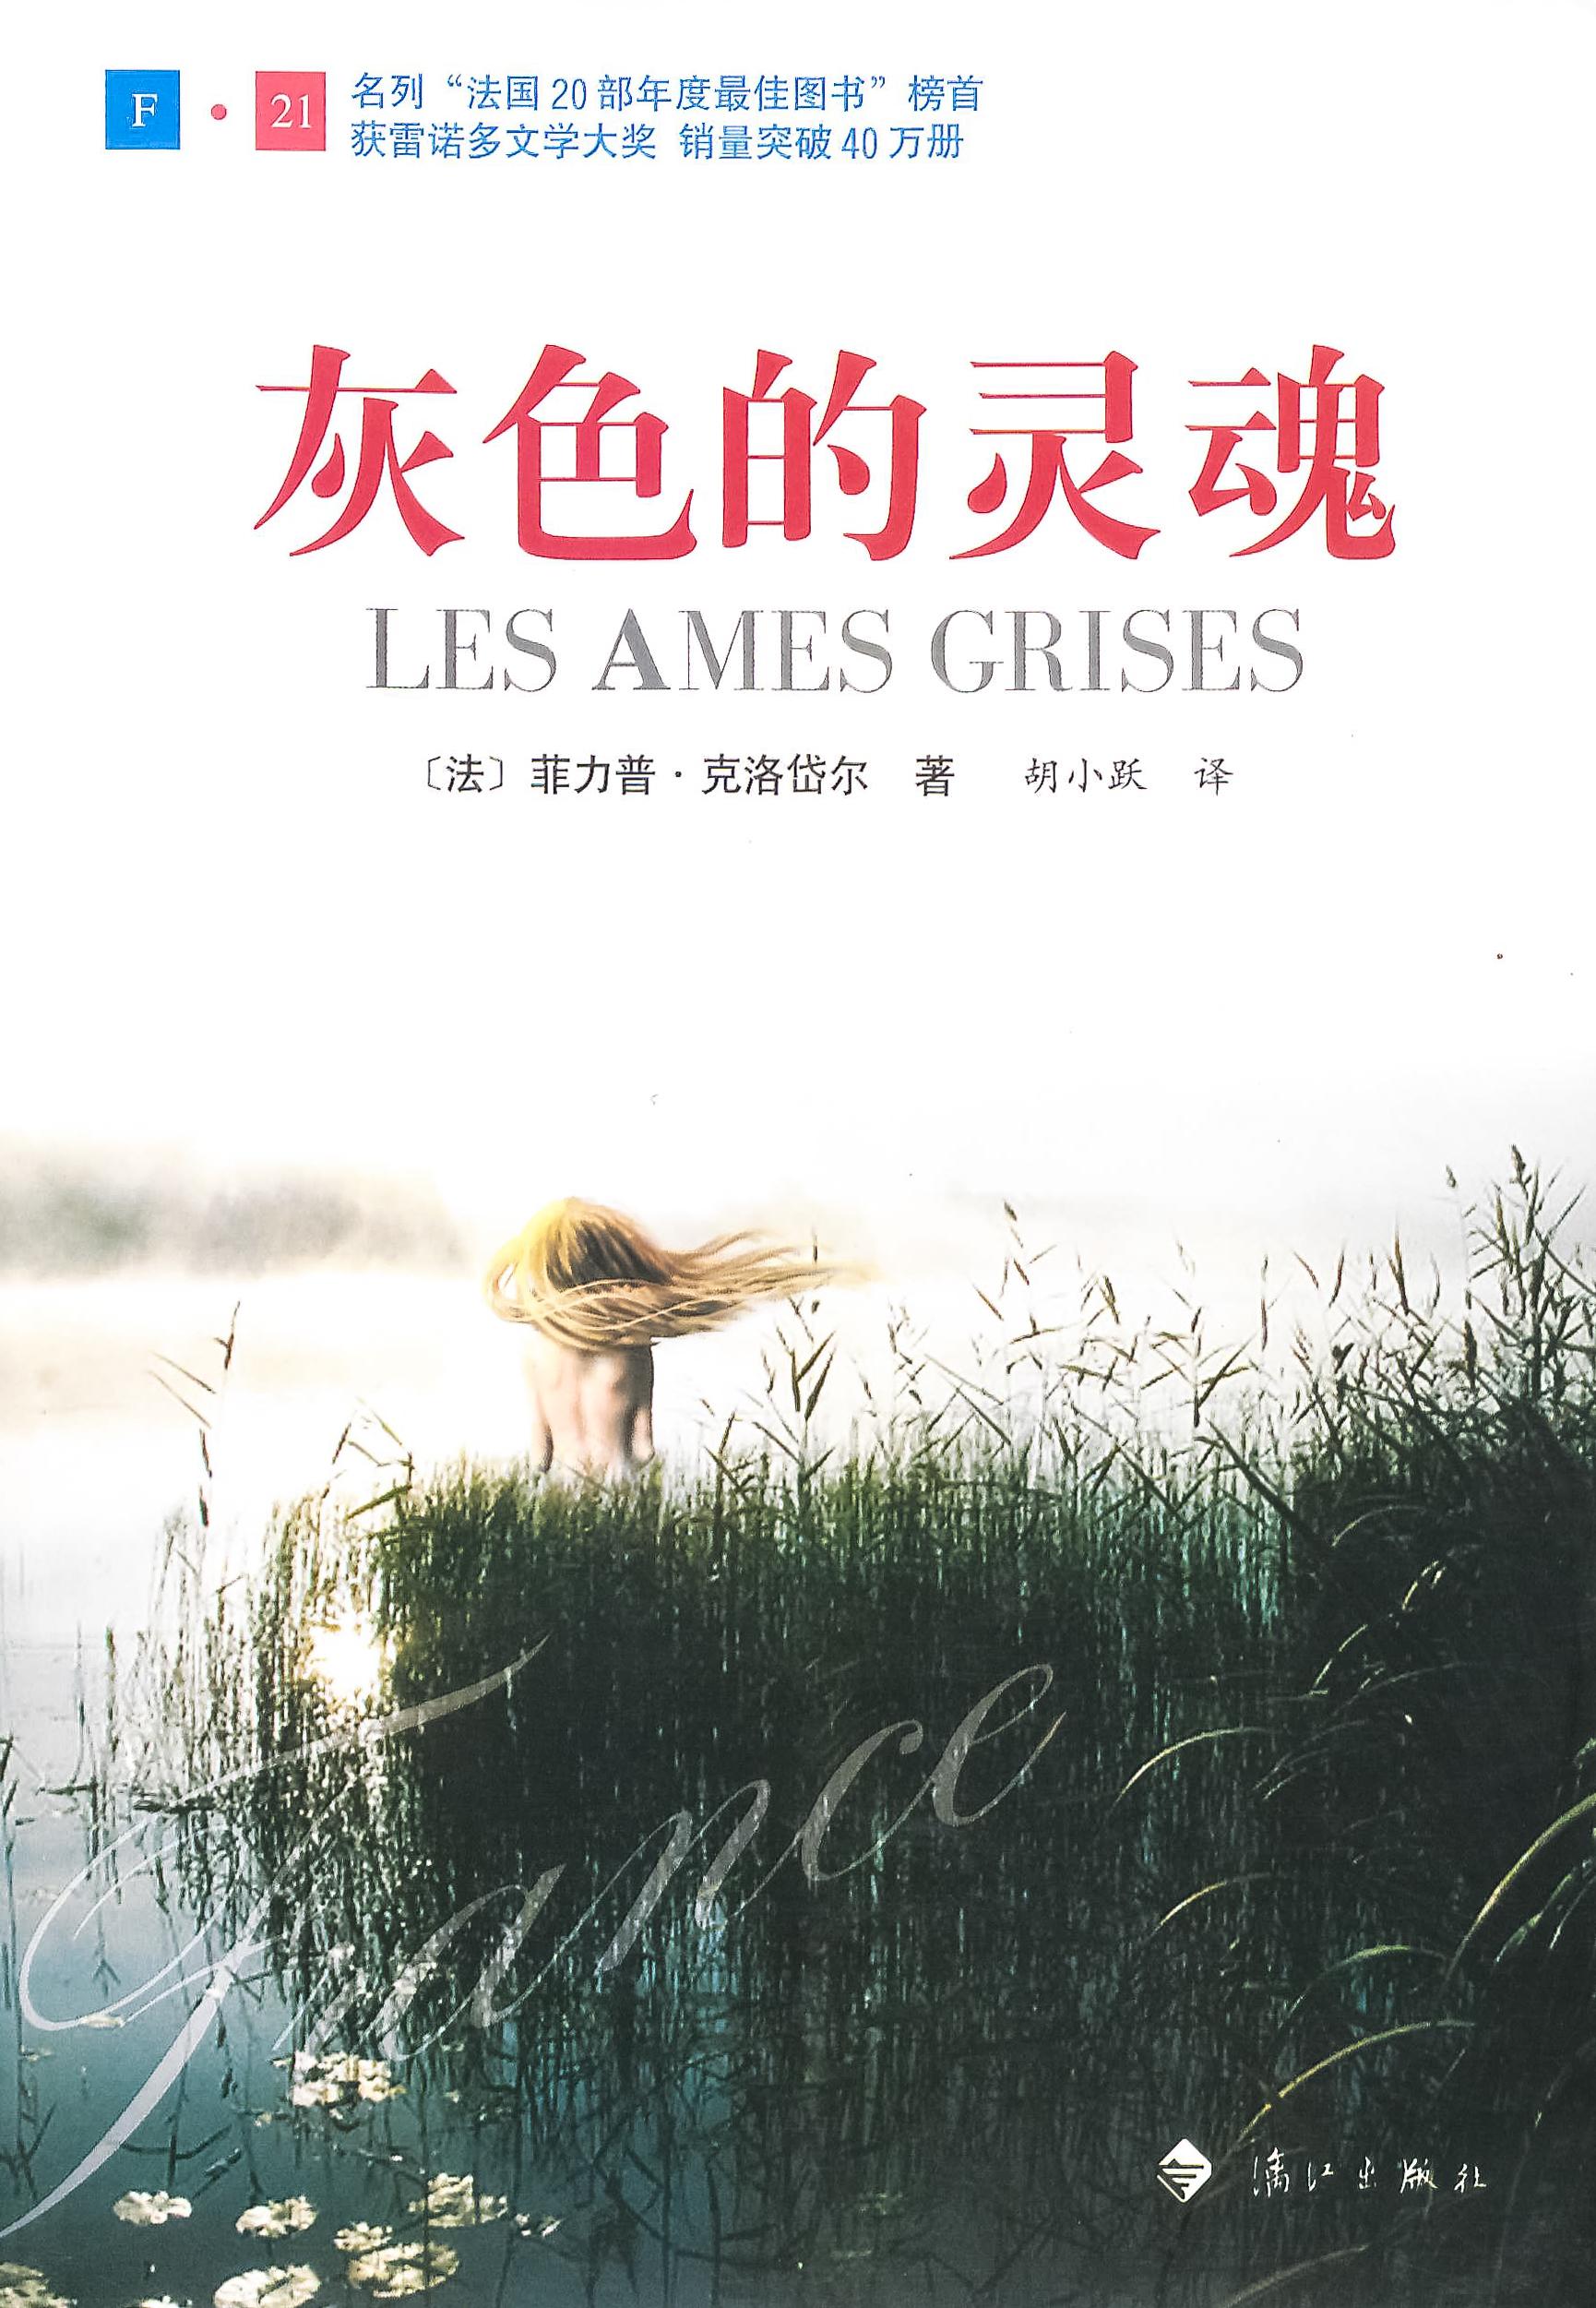 Couverture des Ames grises de Philippe Claudel édition chinois